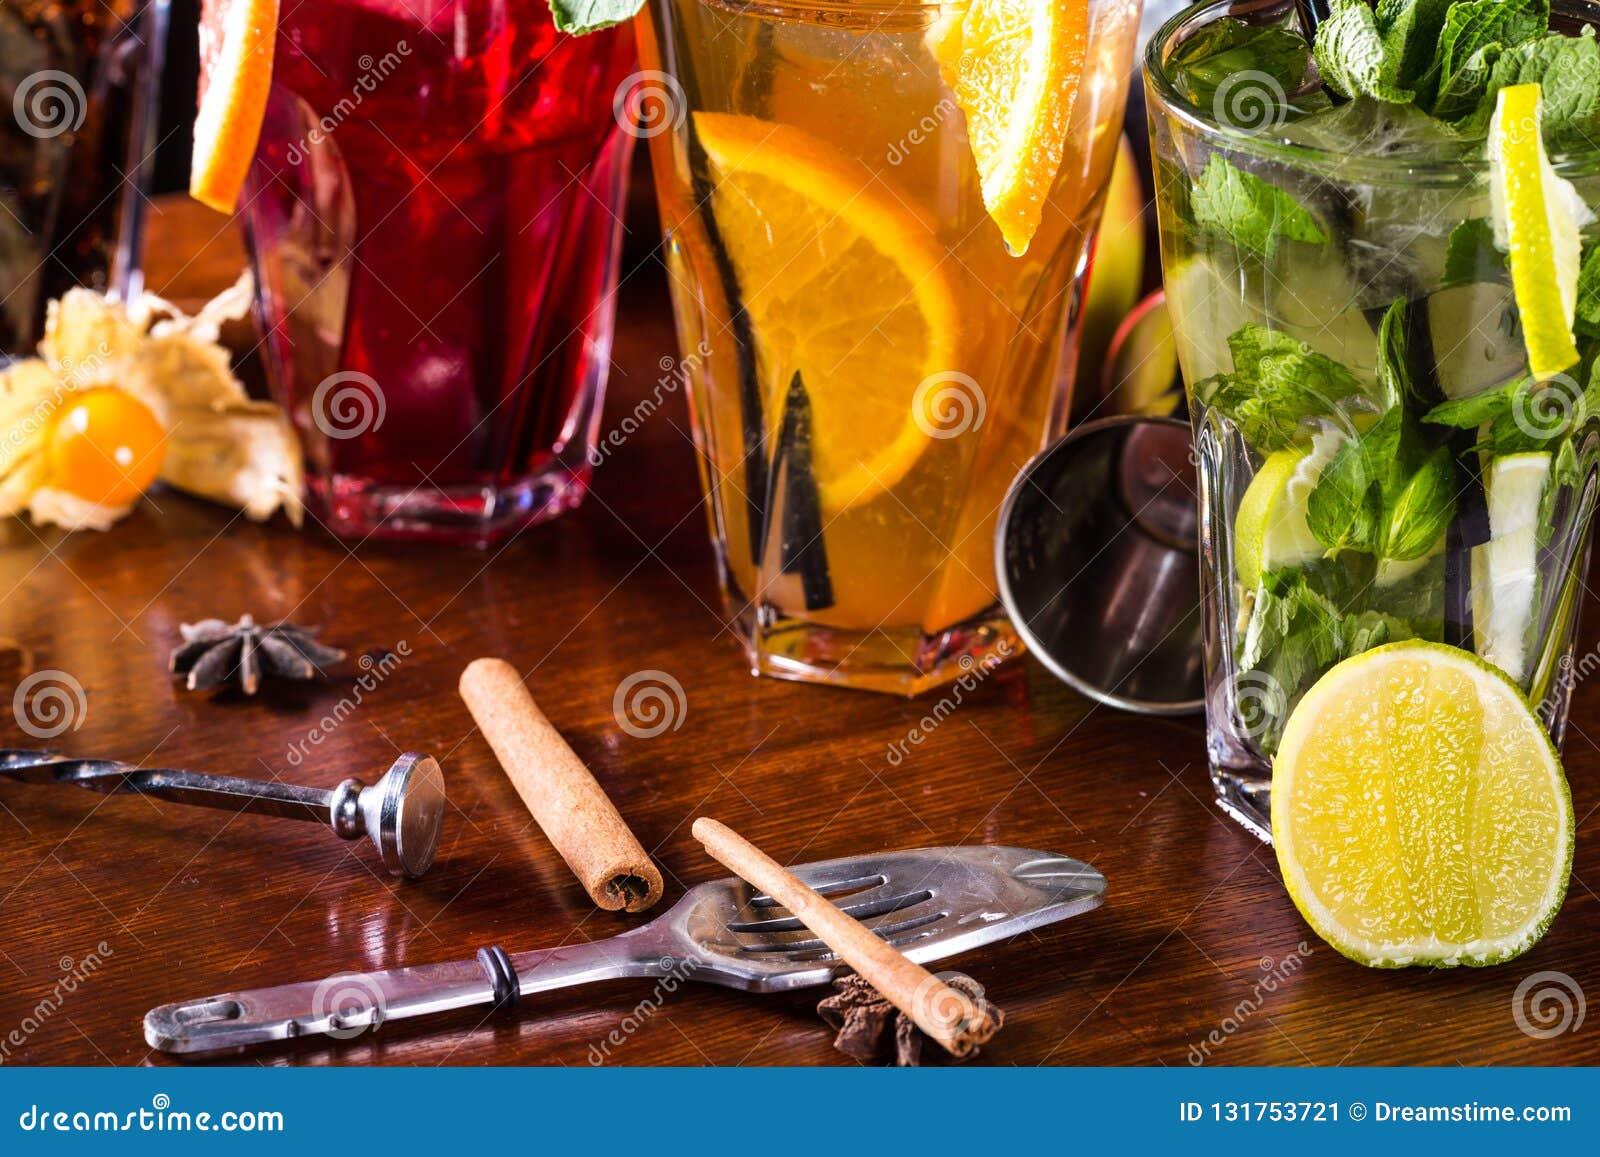 Nowy koktajl, pomarańczowy koktajl, truskawkowy koktajl w szklanych szkłach z słoma Prętowi akcesoria: potrząsacz